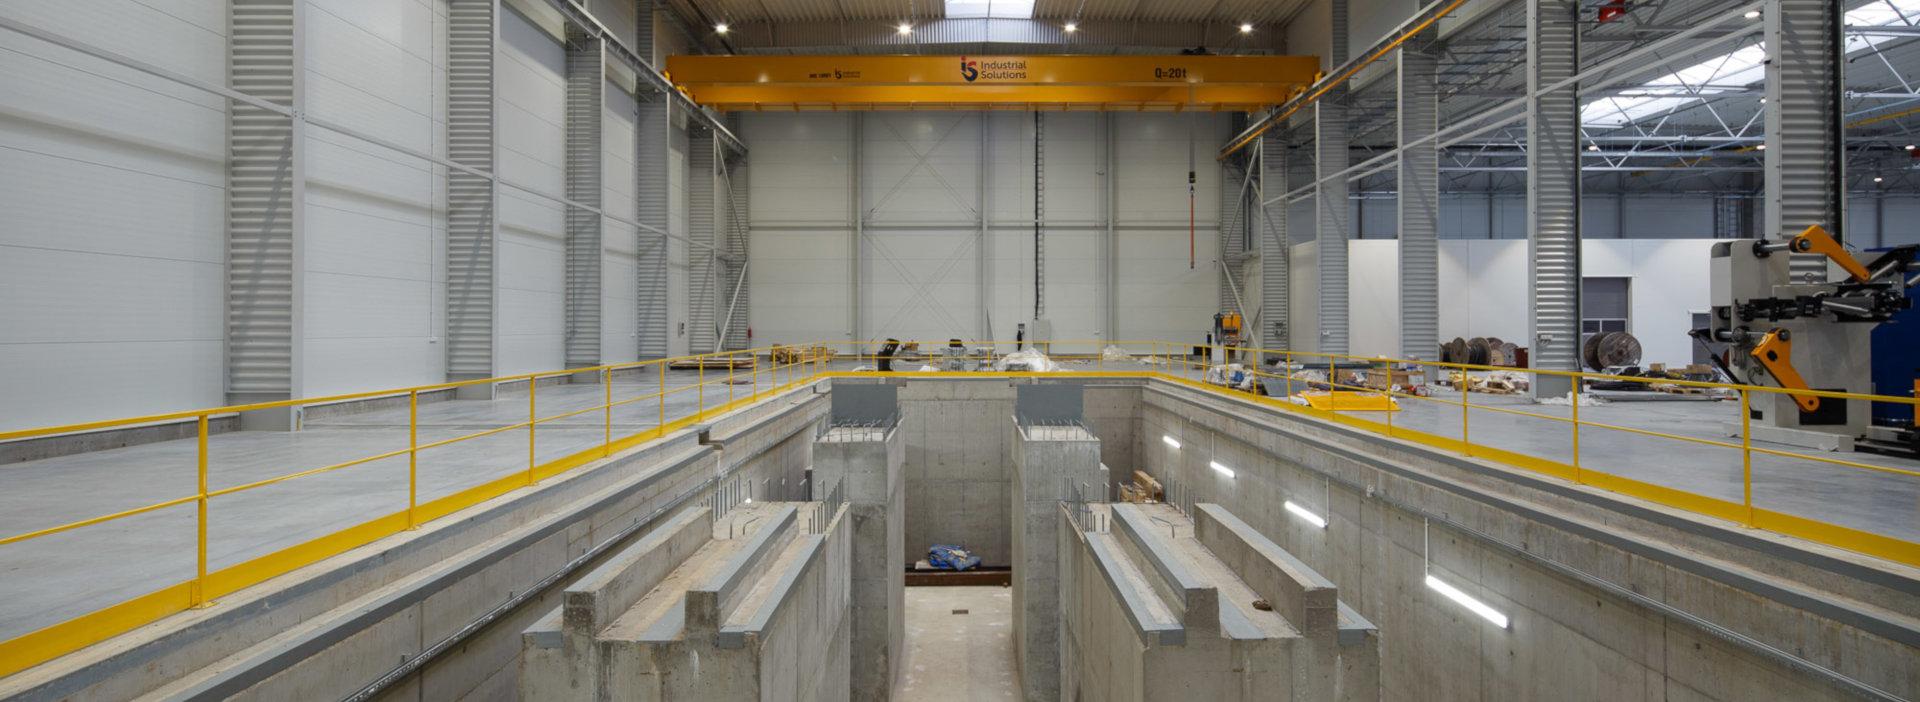 Kamiński - Budownictwo. Budowa hal produkcyjnych, Budowa hal przemysłowych, Budowa hal magazynowych, Wykonanie hali